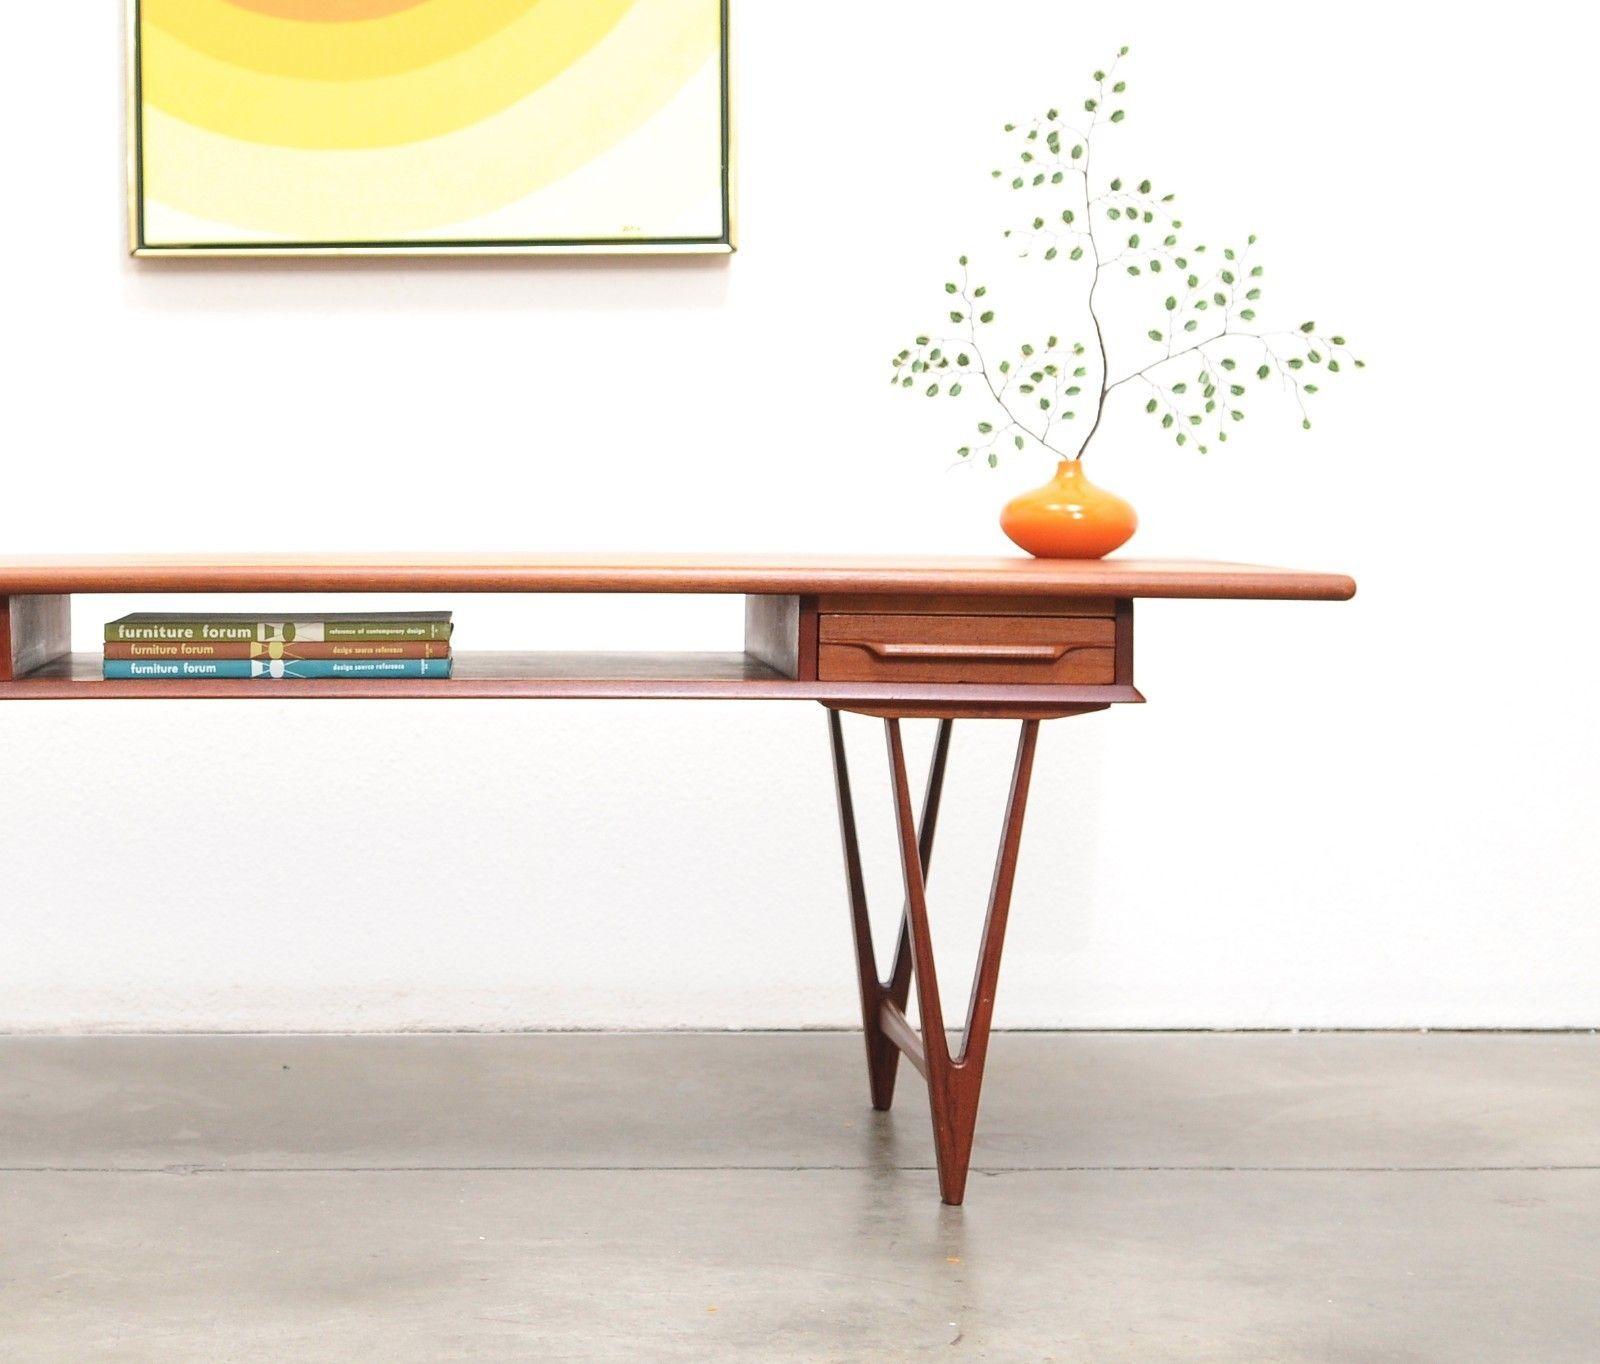 0d380688d5f1eb616874977f56f1c44c Meilleur De De Table Basse Bois Moderne Concept